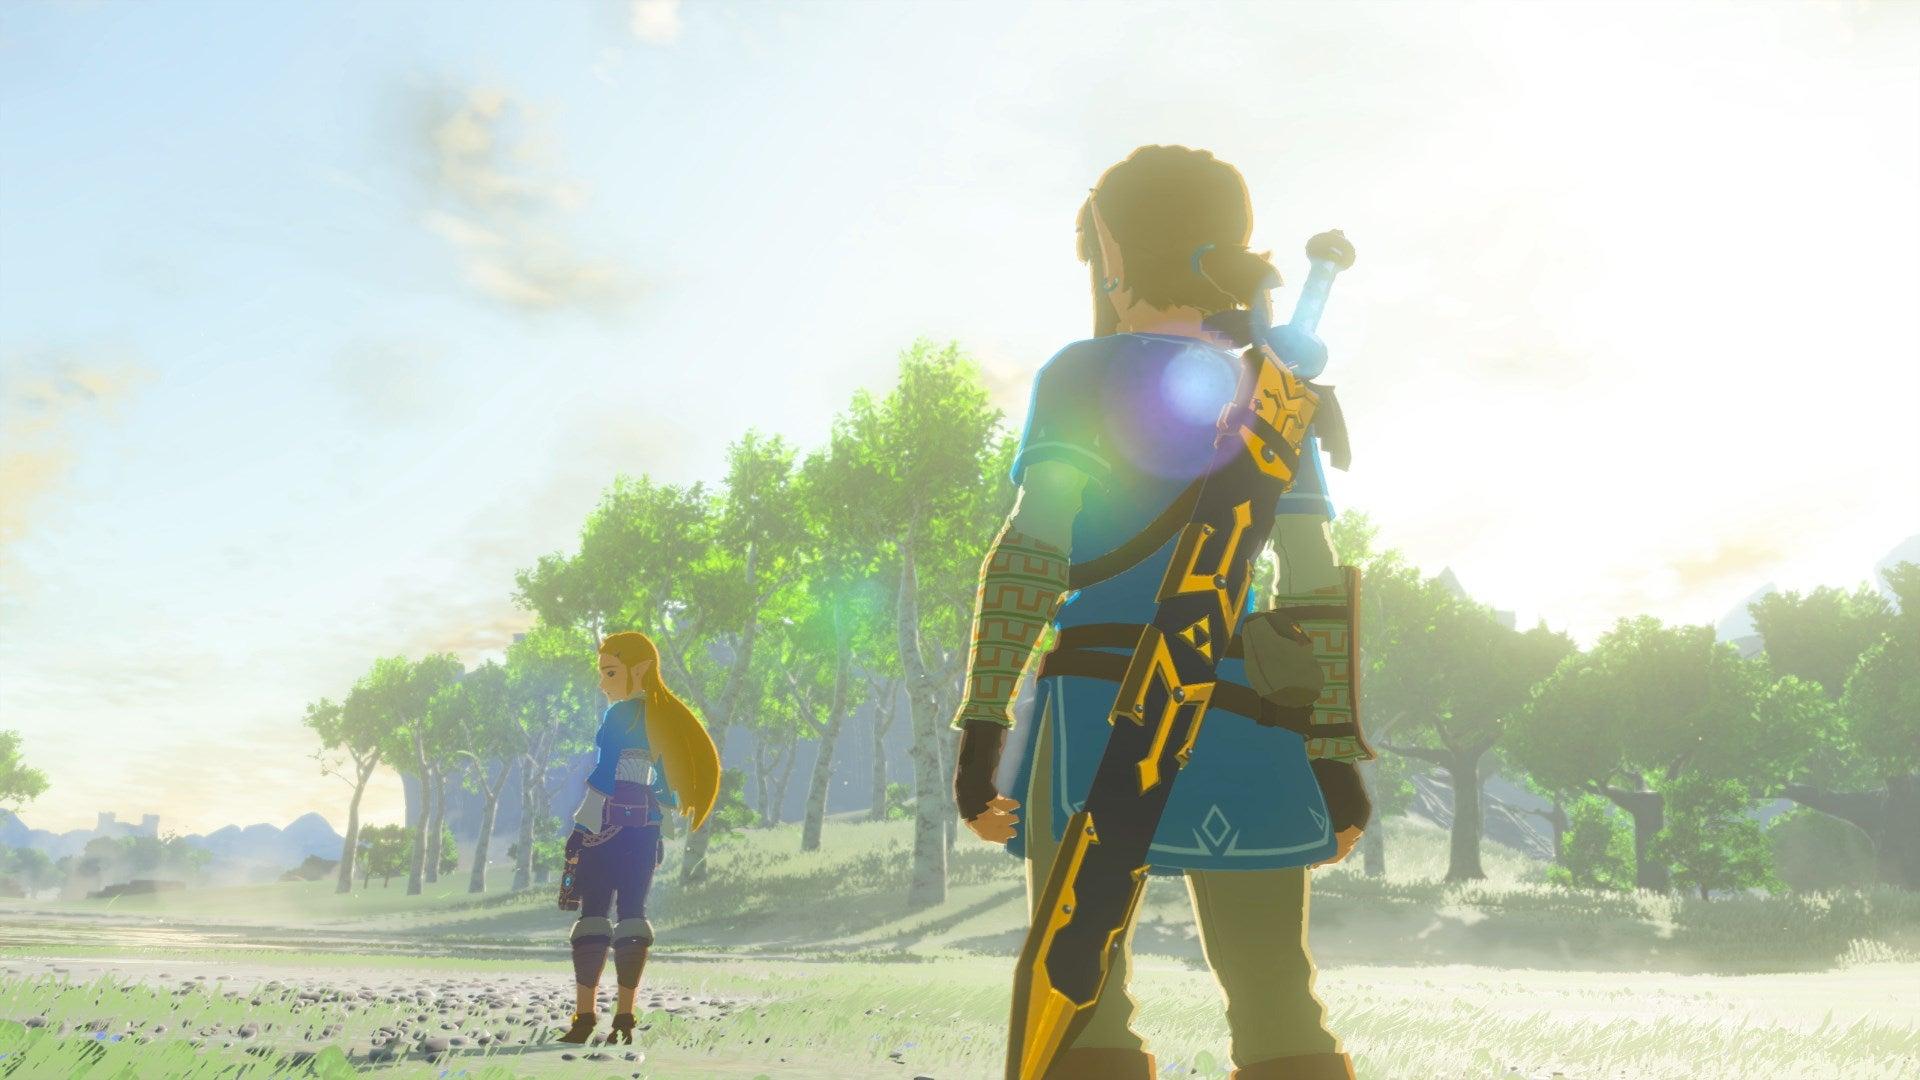 New Zelda game confirmed